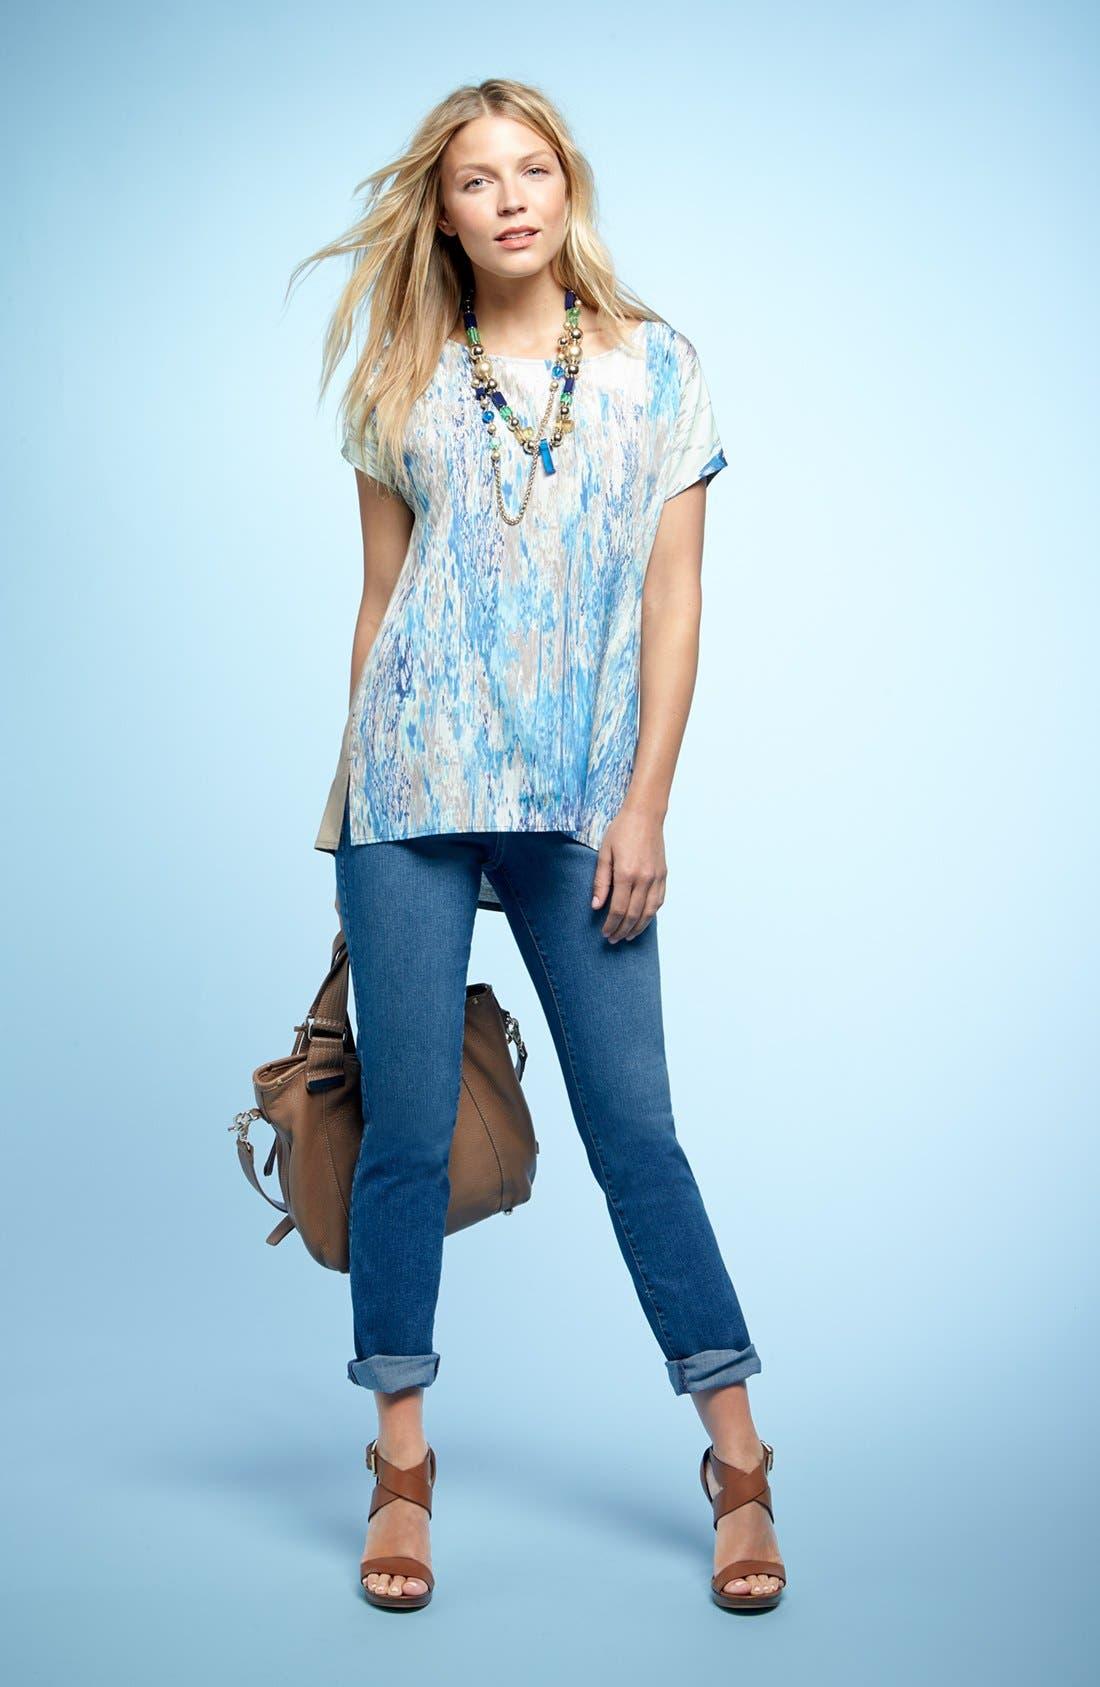 Alternate Image 1 Selected - NYDJ Top & 'Tanya' Boyfriend Jeans